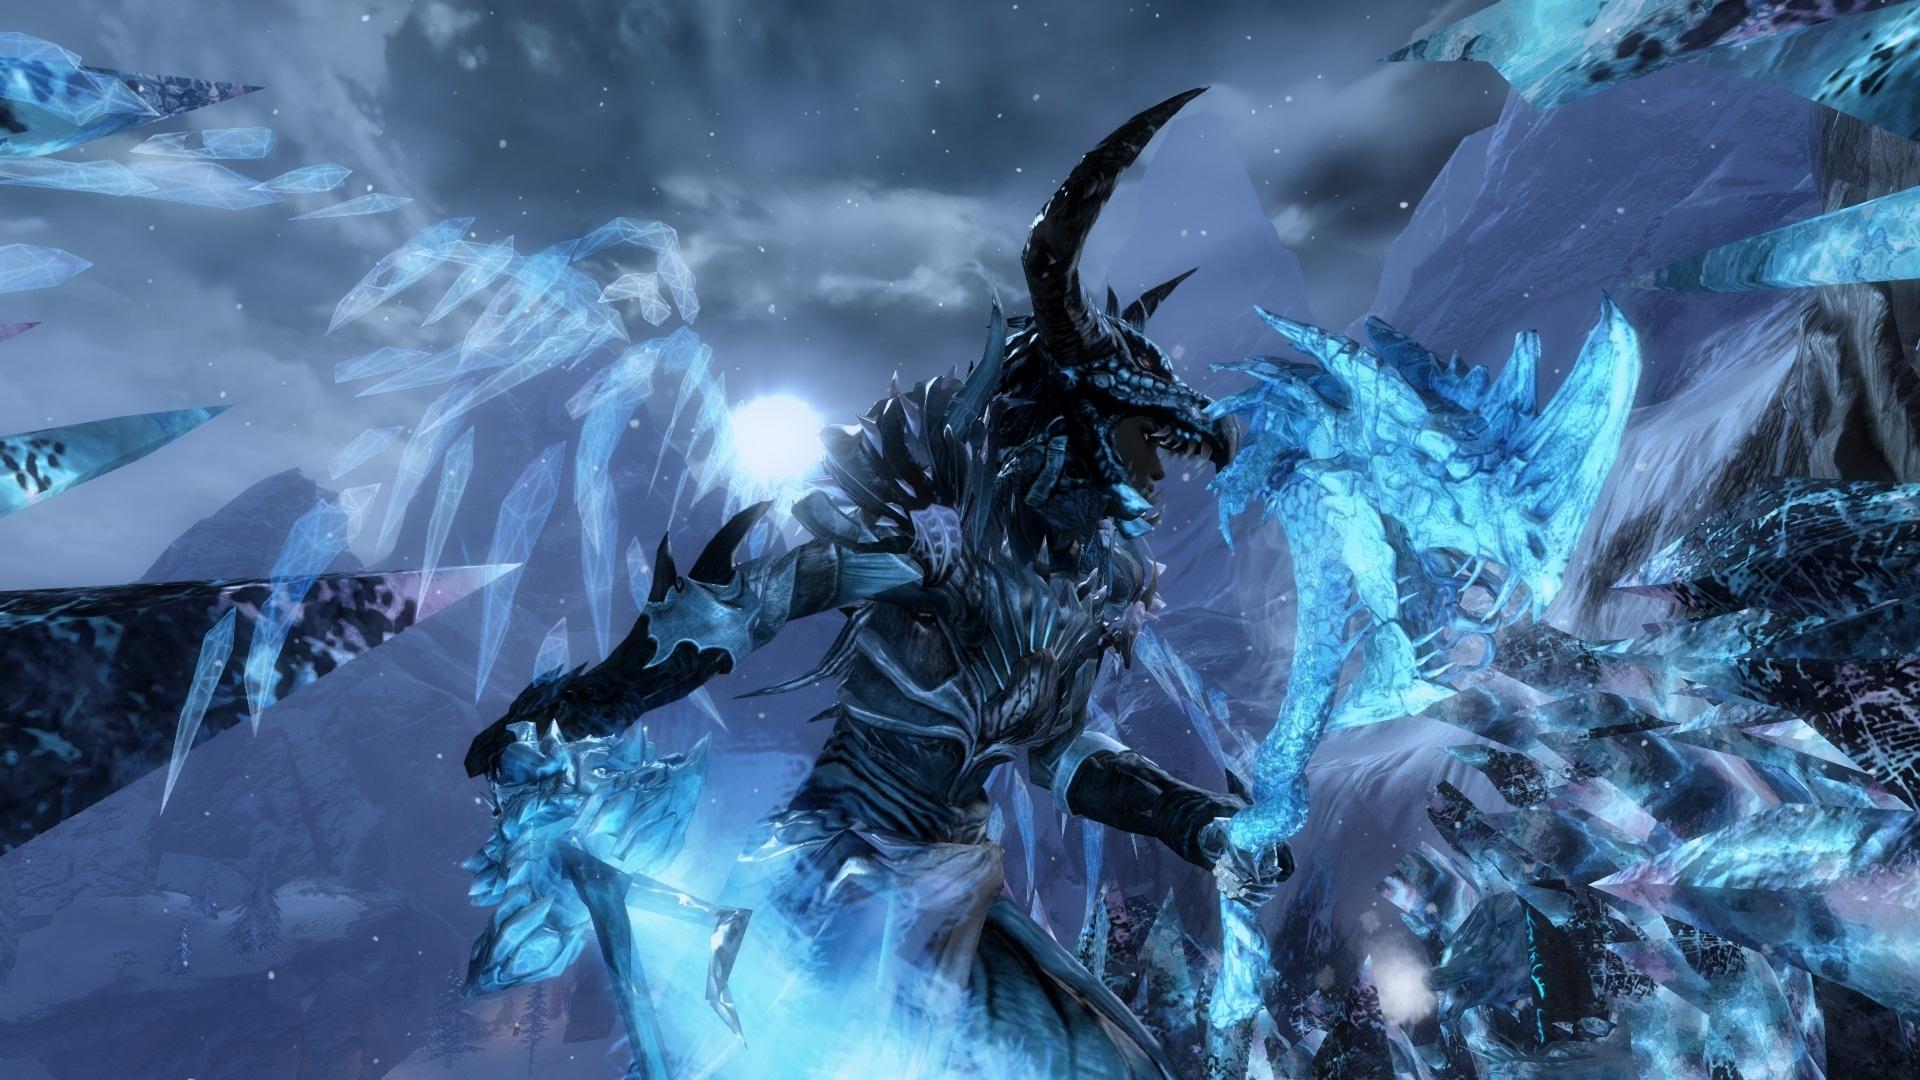 wallpaper.wiki-ice-dragon-wallpaper-hd-pic-wpe004885 - wallpaper.wiki